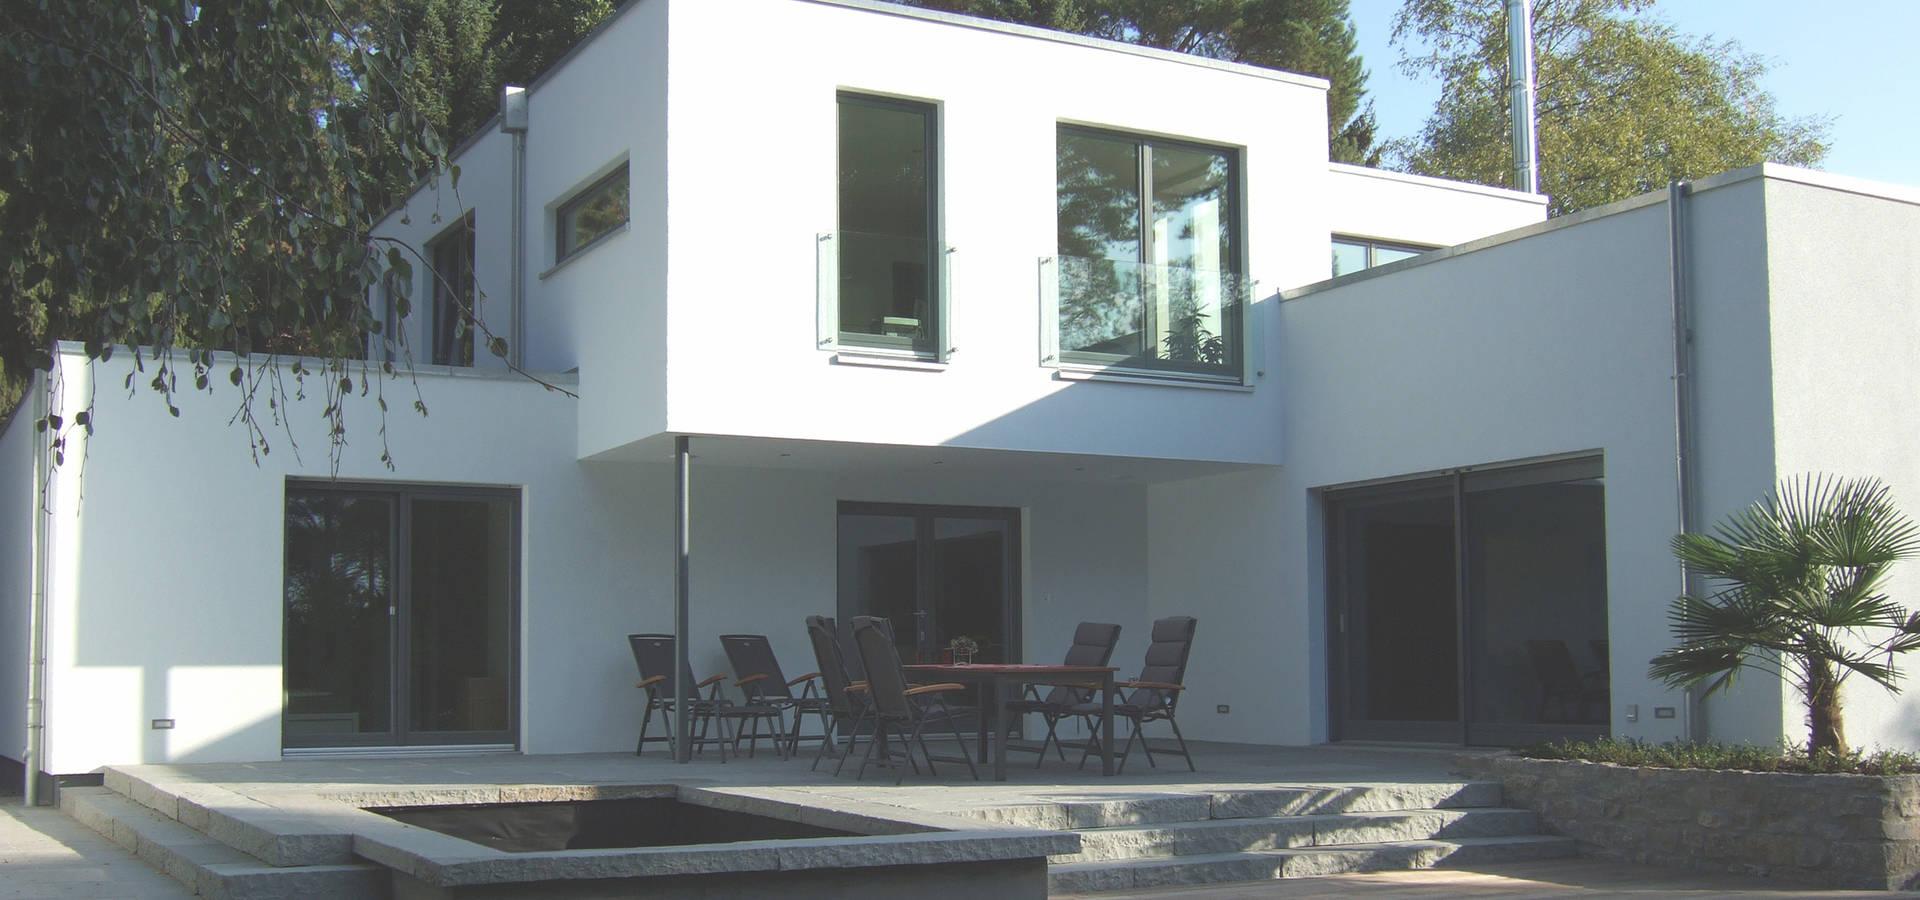 siedlungshaus mit holzscheibe von zymara und loitzenbauer. Black Bedroom Furniture Sets. Home Design Ideas